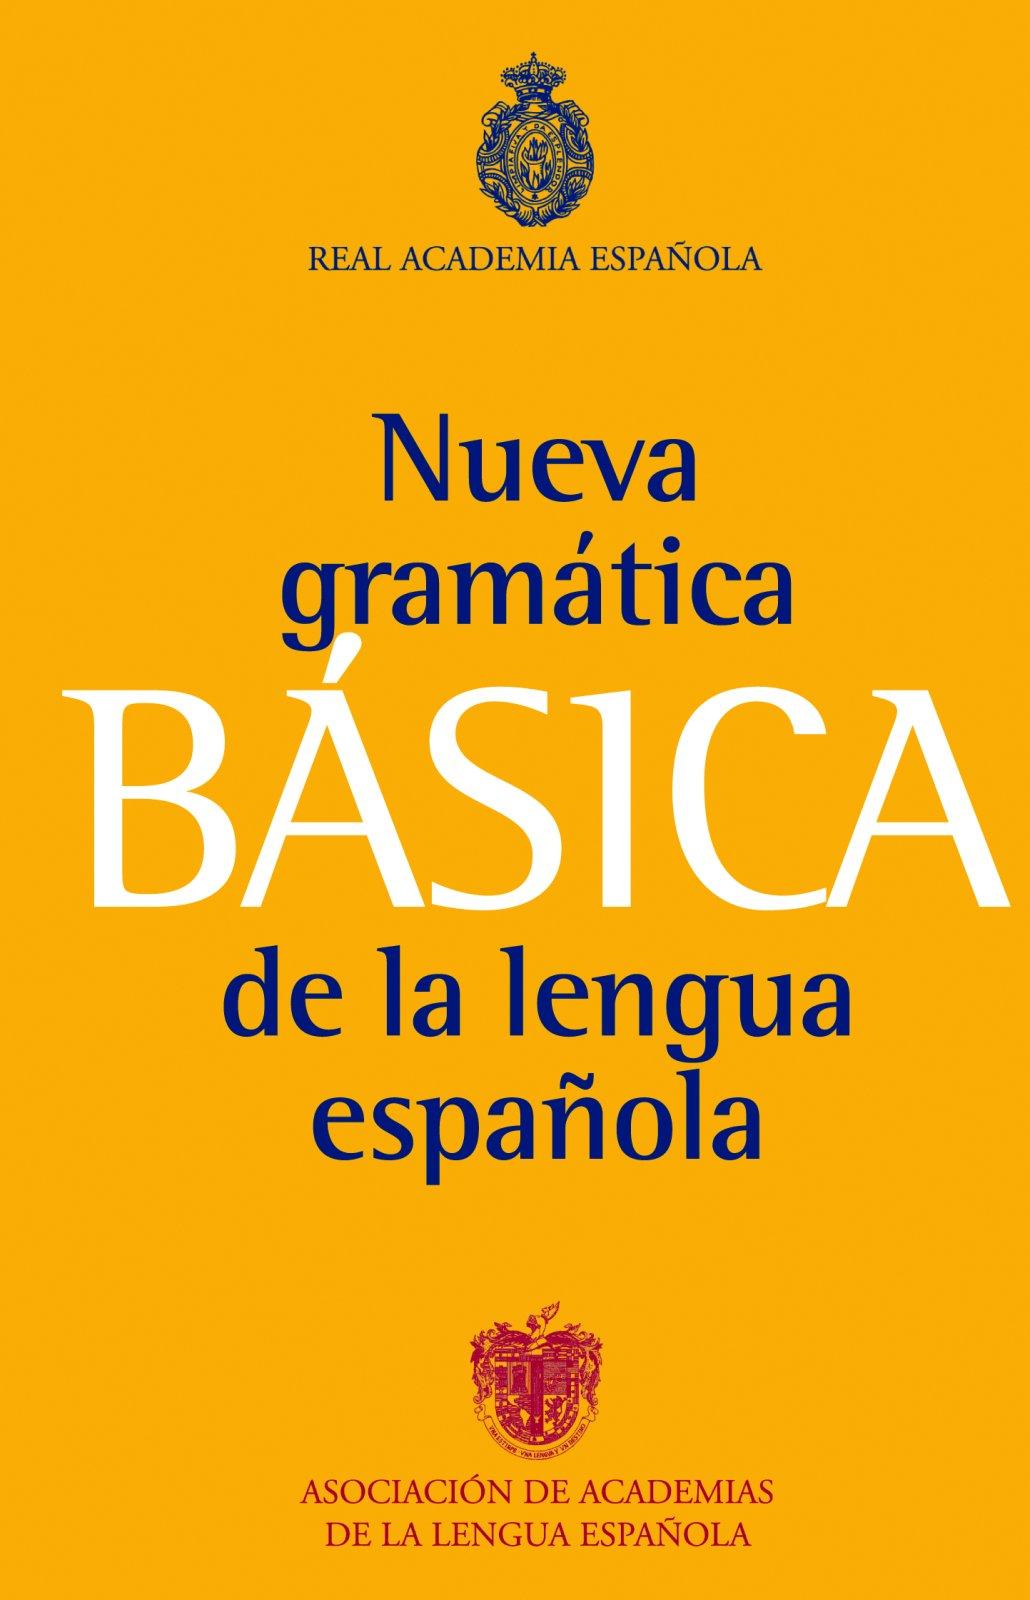 Nueva Gramática Básica de la lengua Española (NUEVAS OBRAS REAL ACADEMIA)